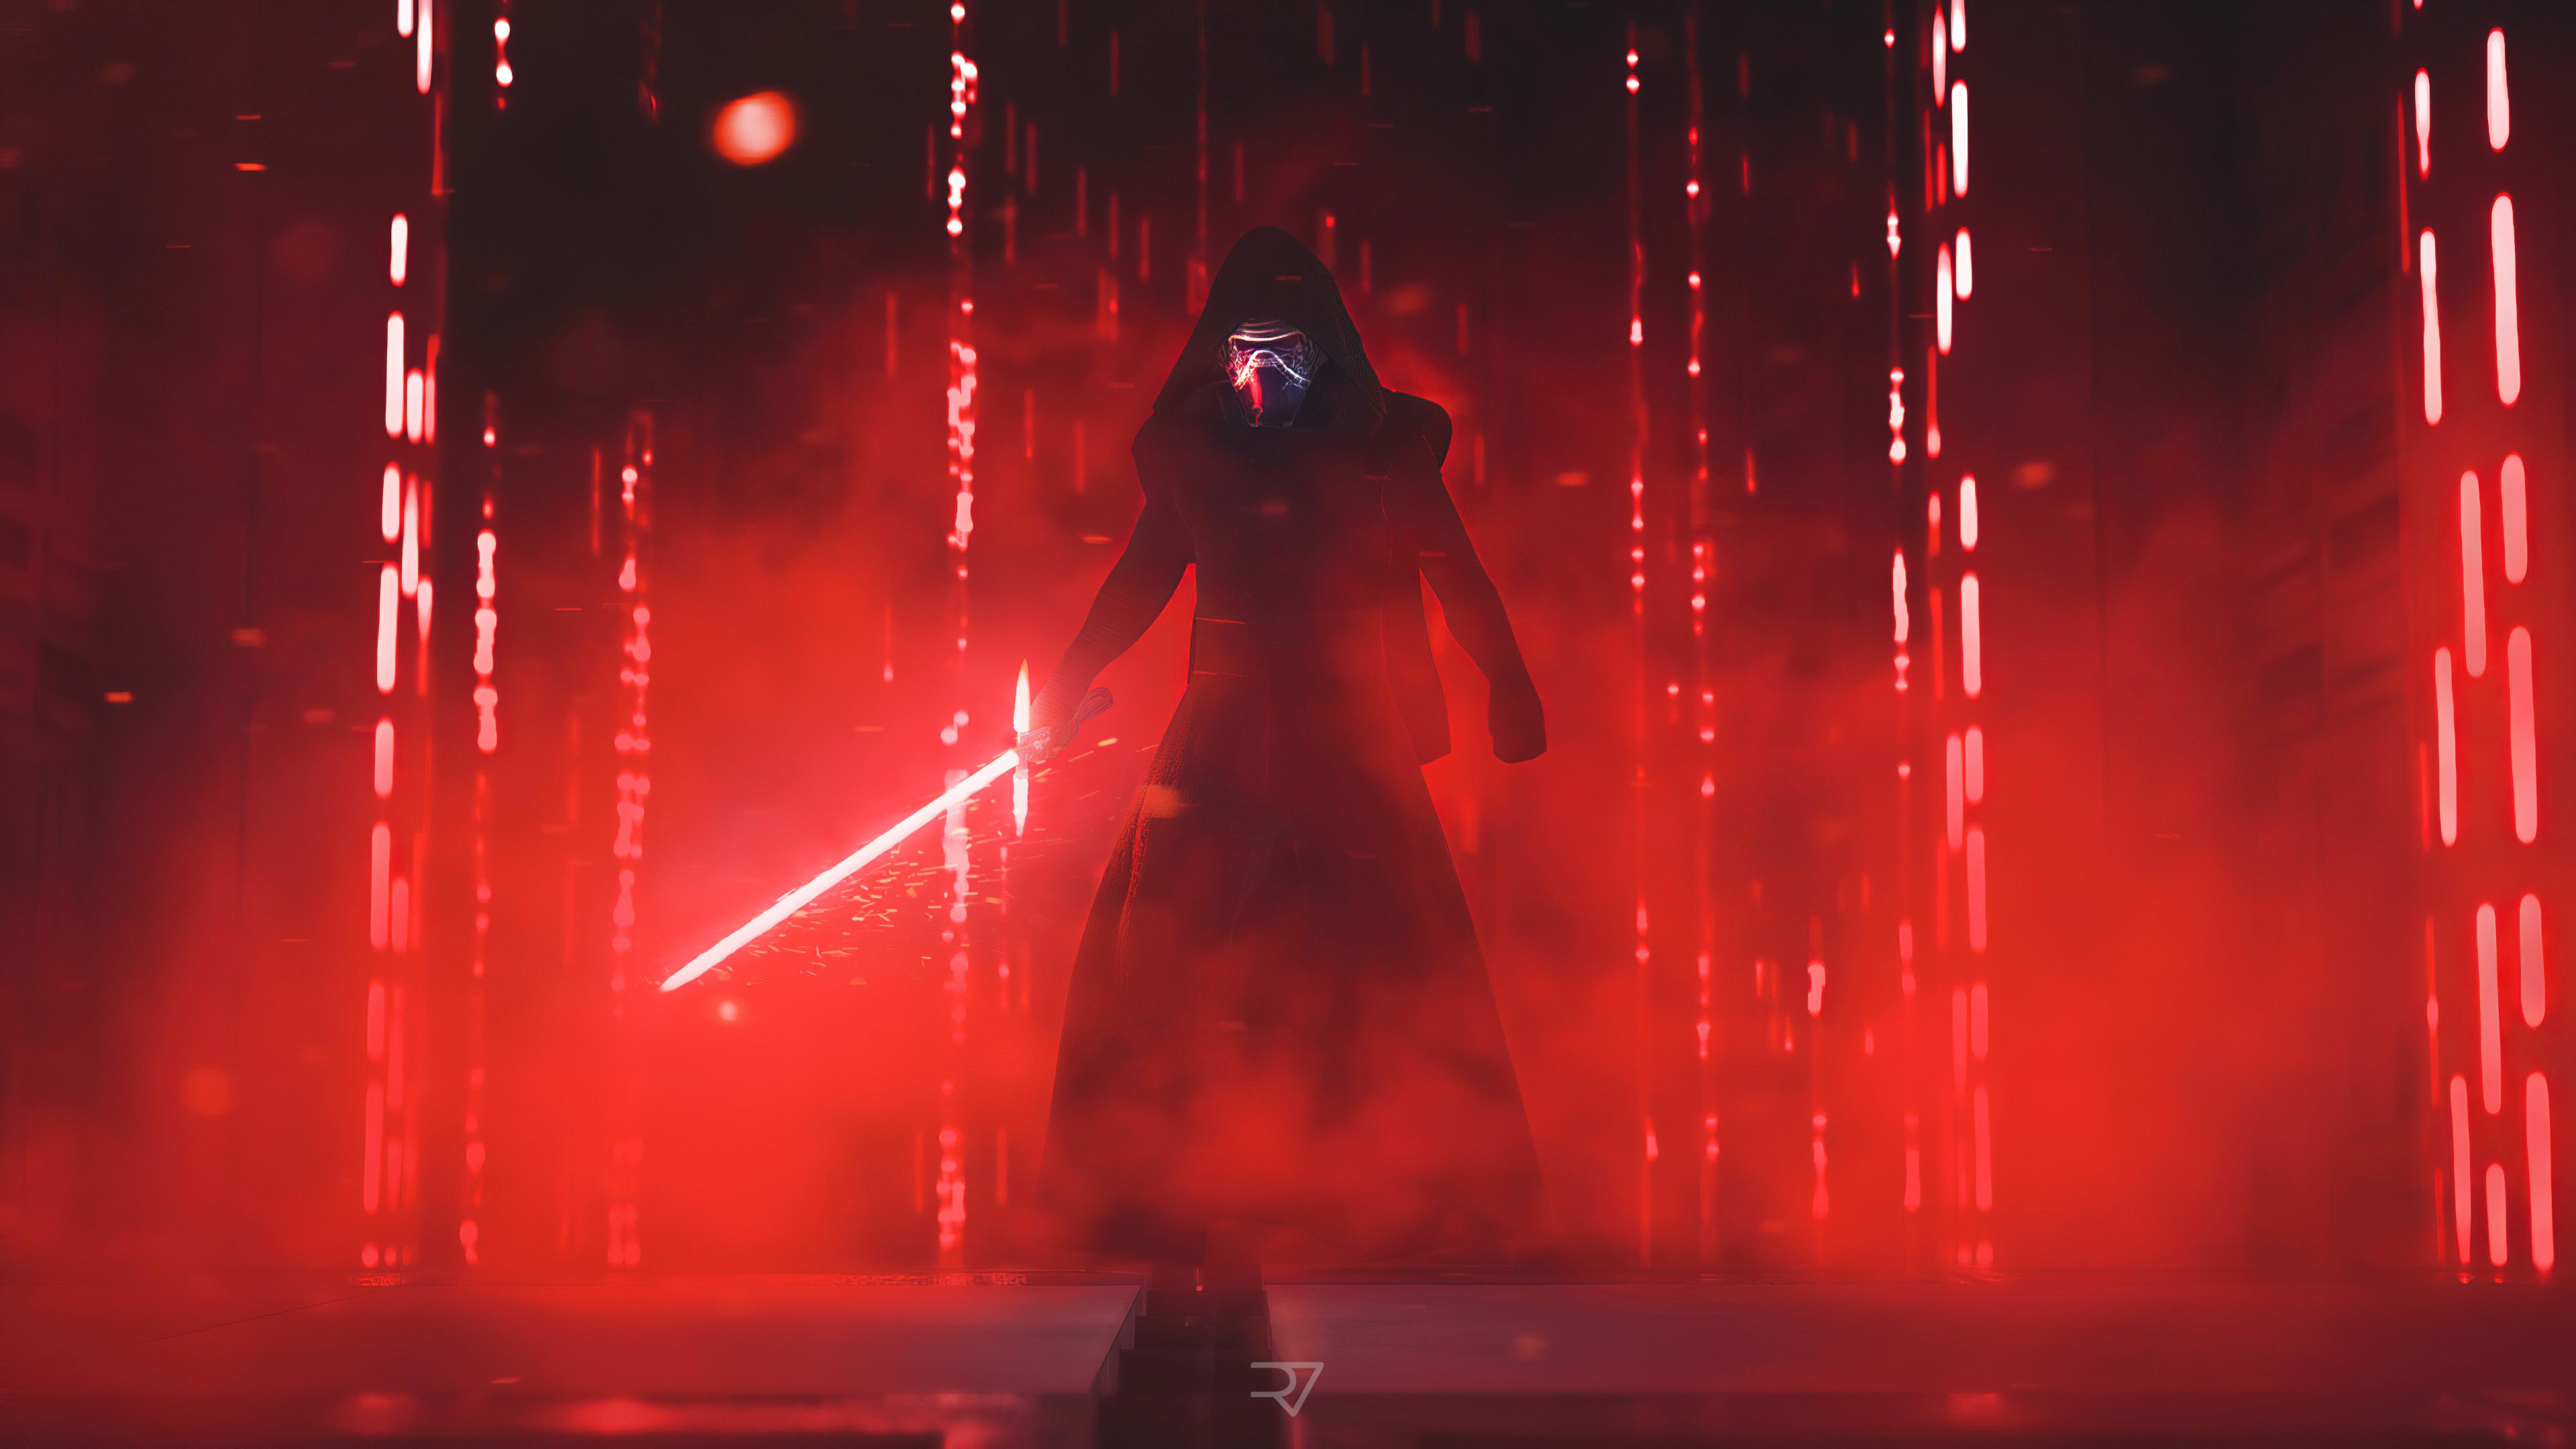 darth vader 2019 1572371010 - Darth Vader 2019 - star wars wallpapers, hd-wallpapers, darth vader wallpapers, 4k-wallpapers